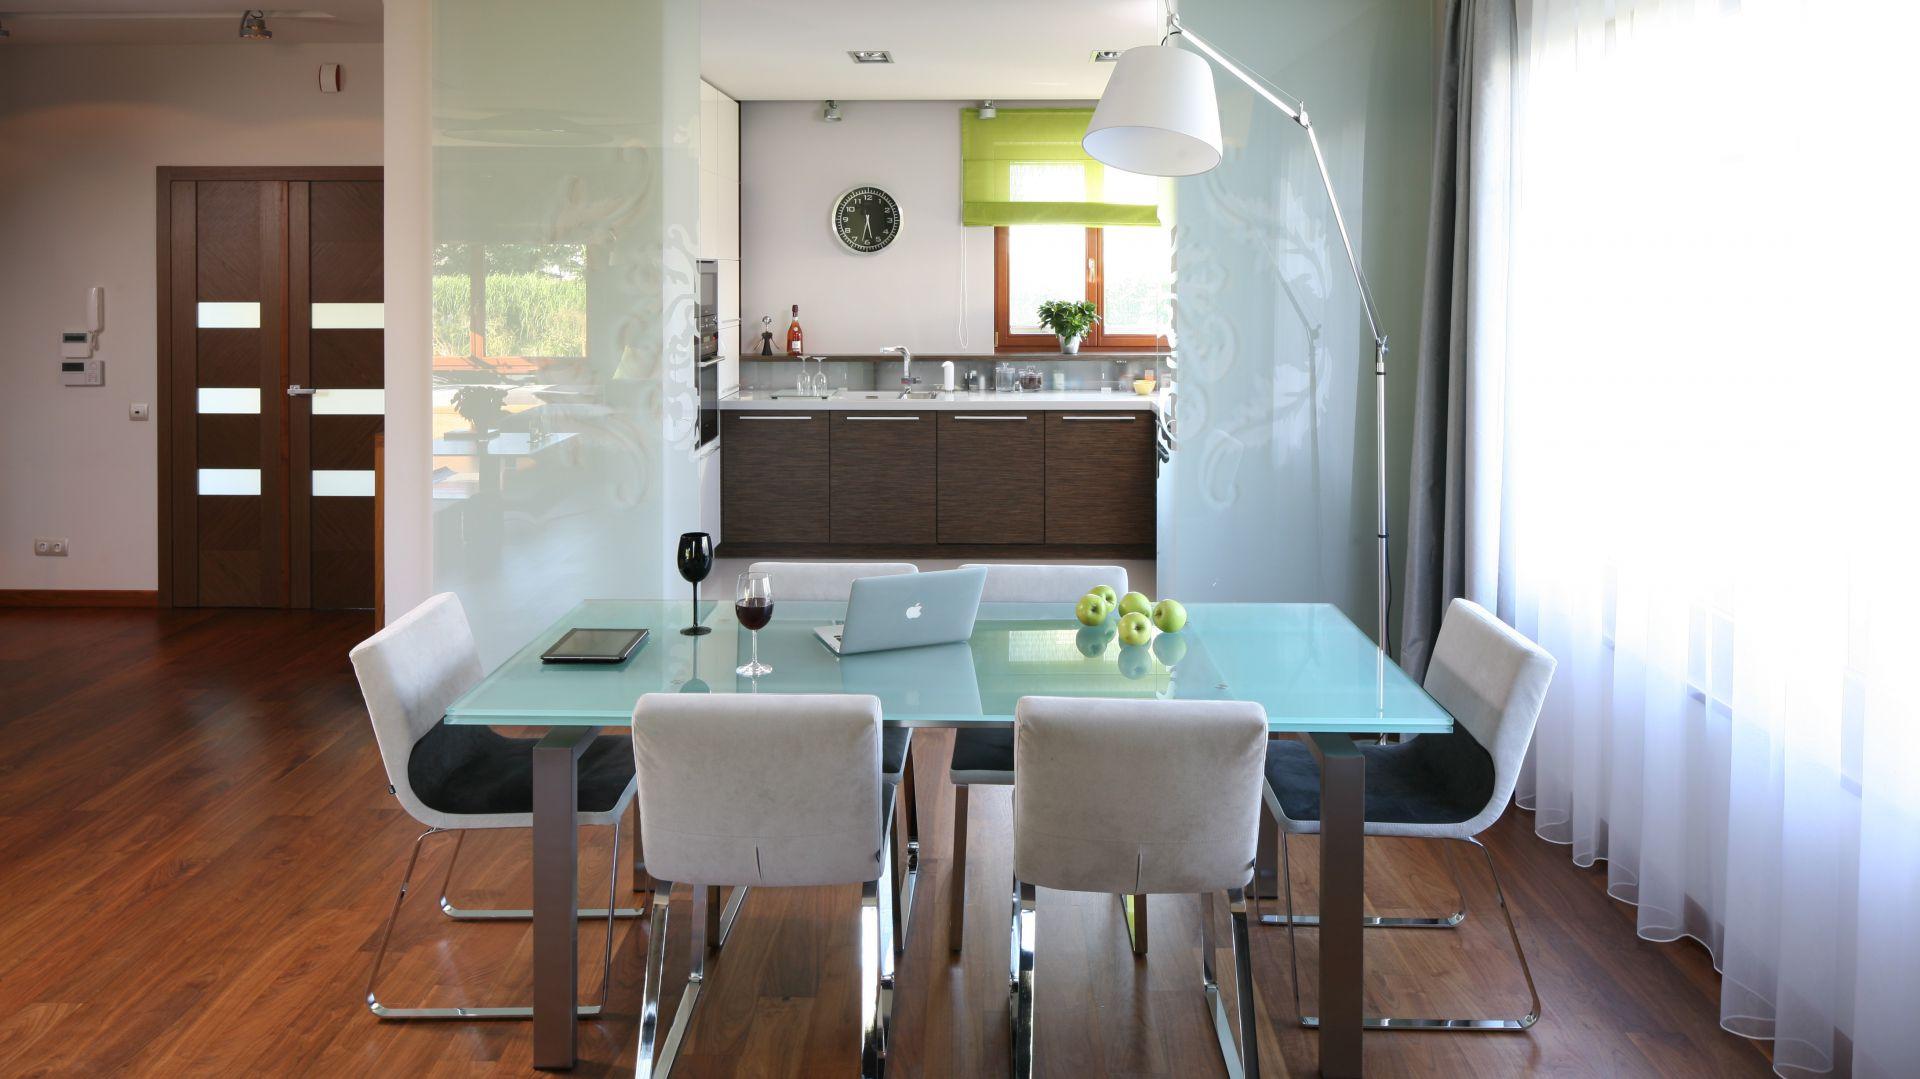 Na granicy kuchni i jadalnie znajdują się szklane drzwi. Nie dzielą one otwartej przestrzeni. Pozwalają za to szybko schować cały kuchenny bałagan. Fot. Bartosz Jarosz.